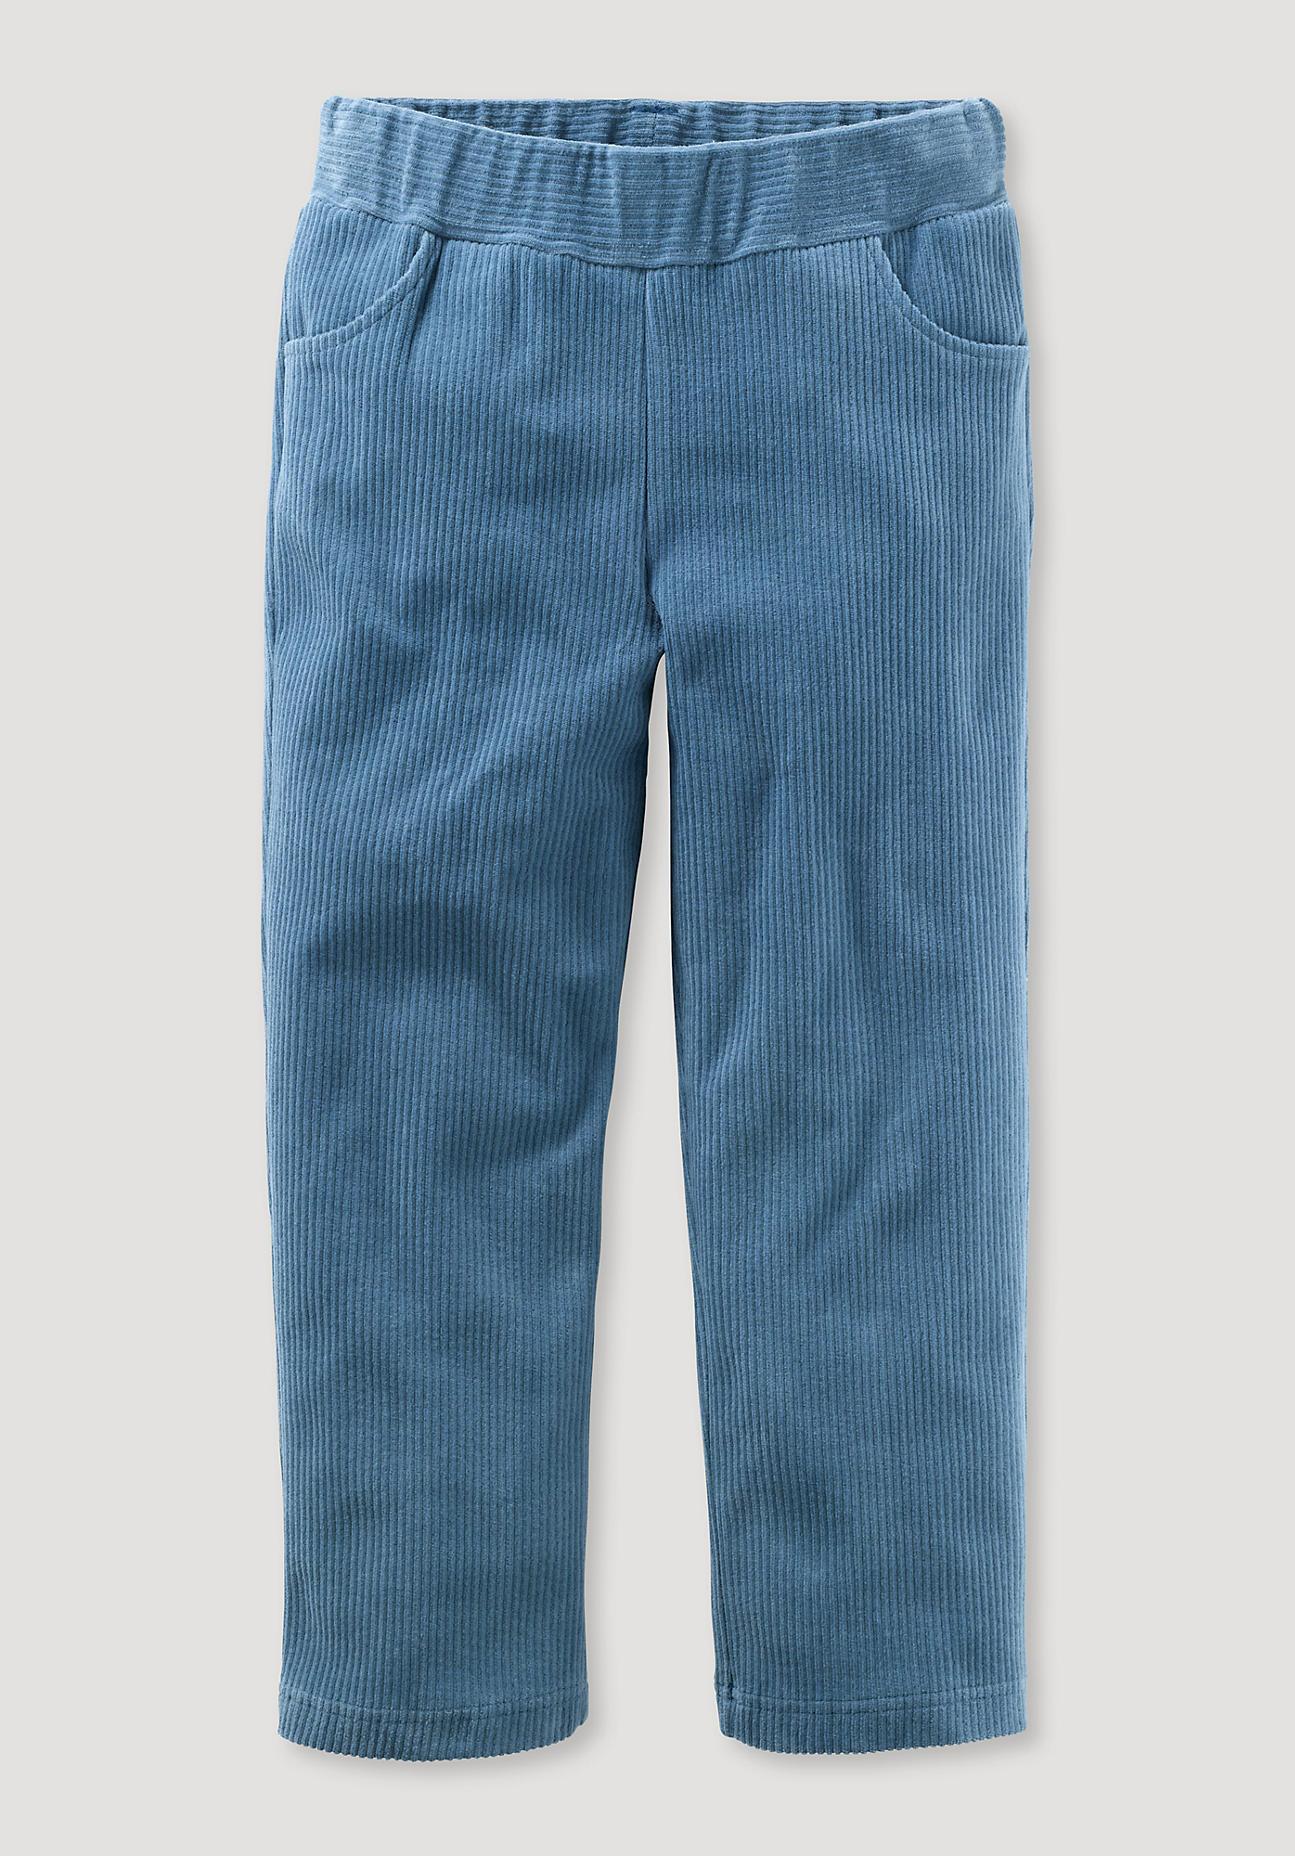 hessnatur Kinder Jersey-Cordhose aus Bio-Baumwolle - blau Größe 98